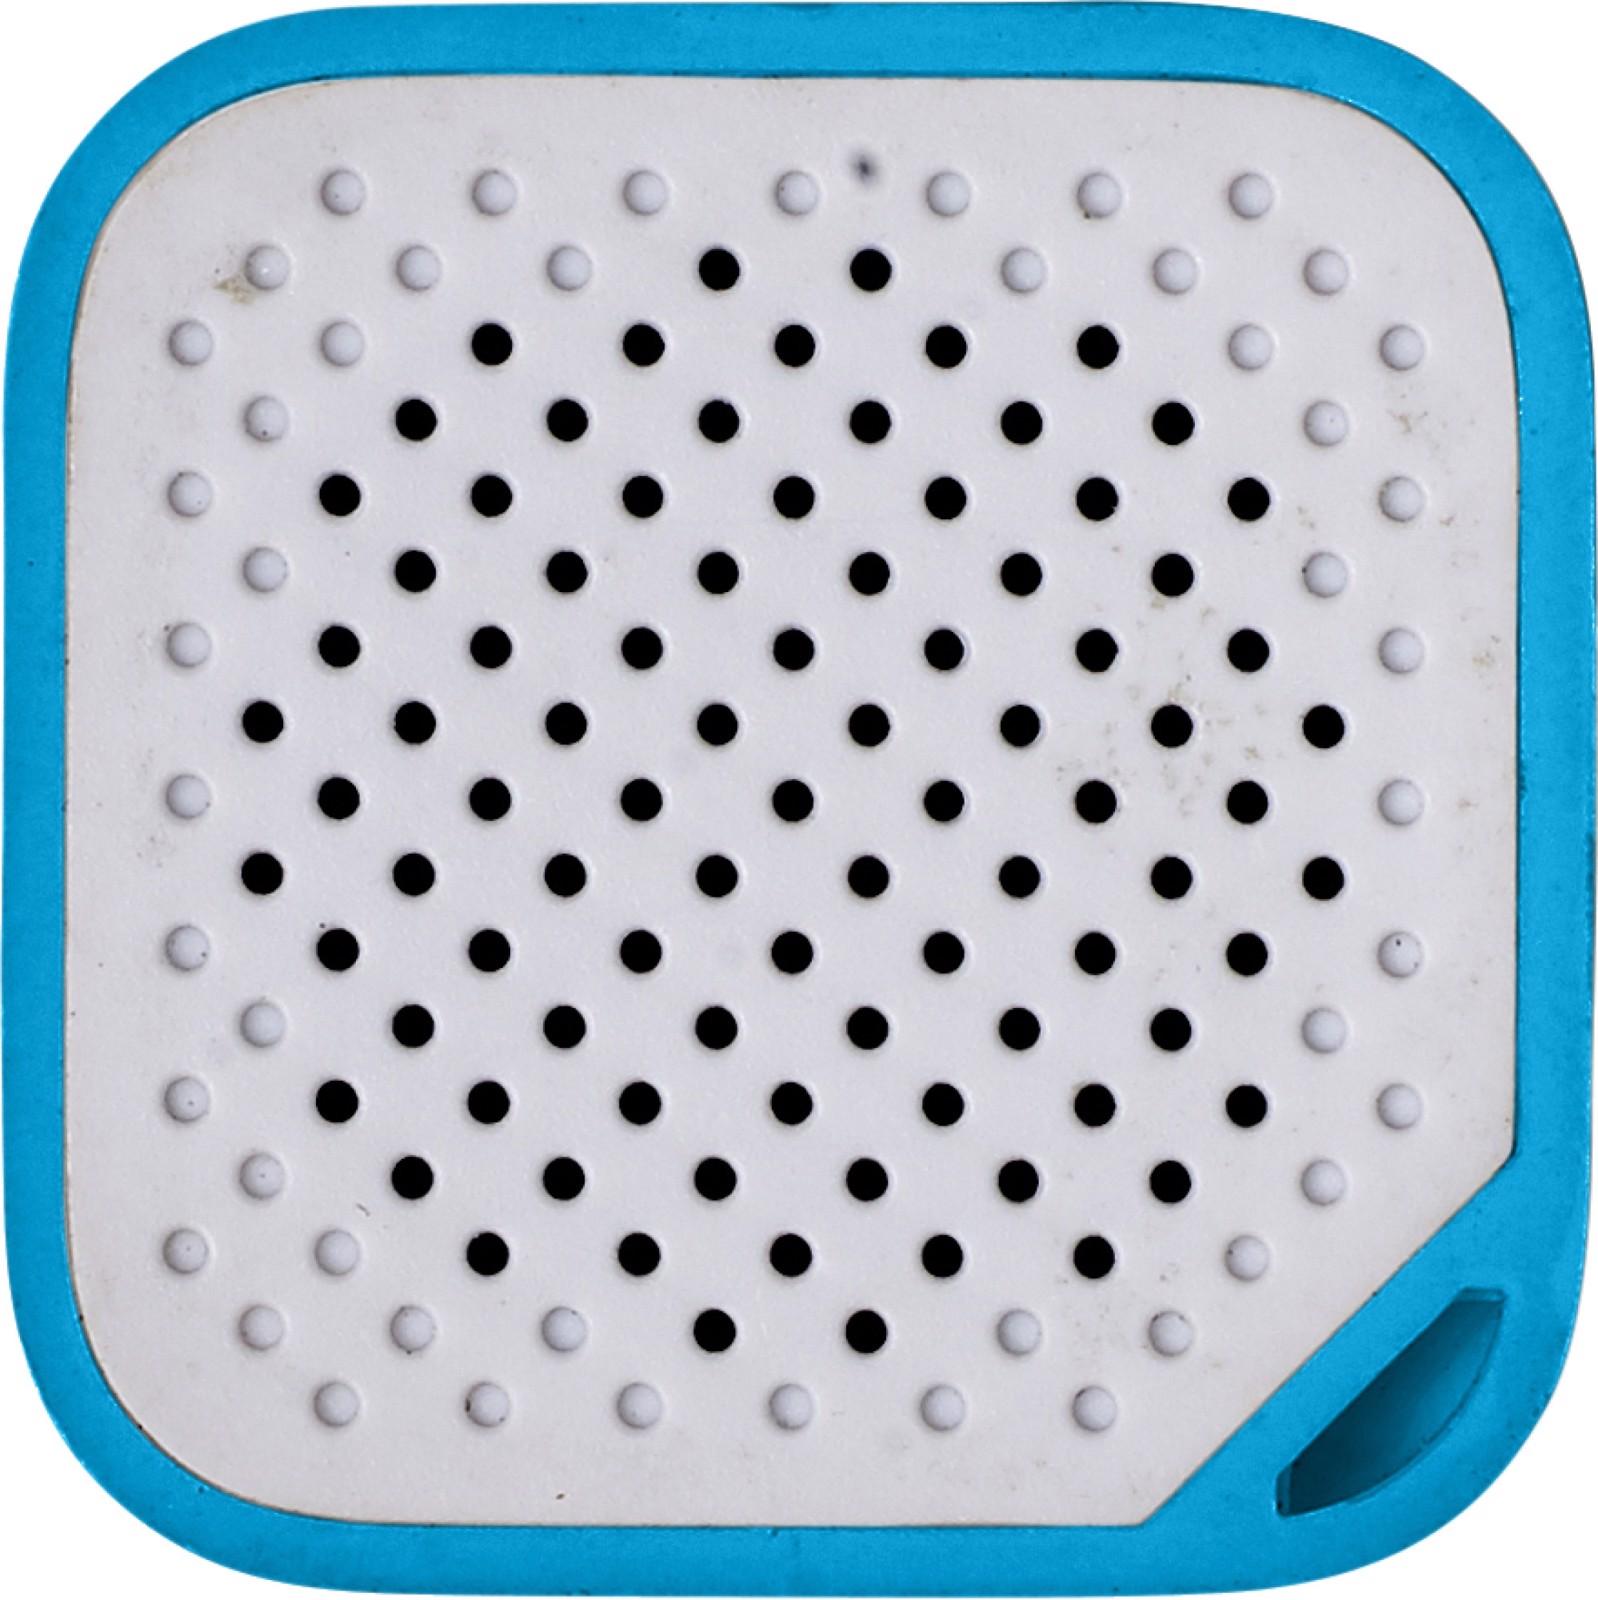 ABS 2-in-1 speaker - Blue